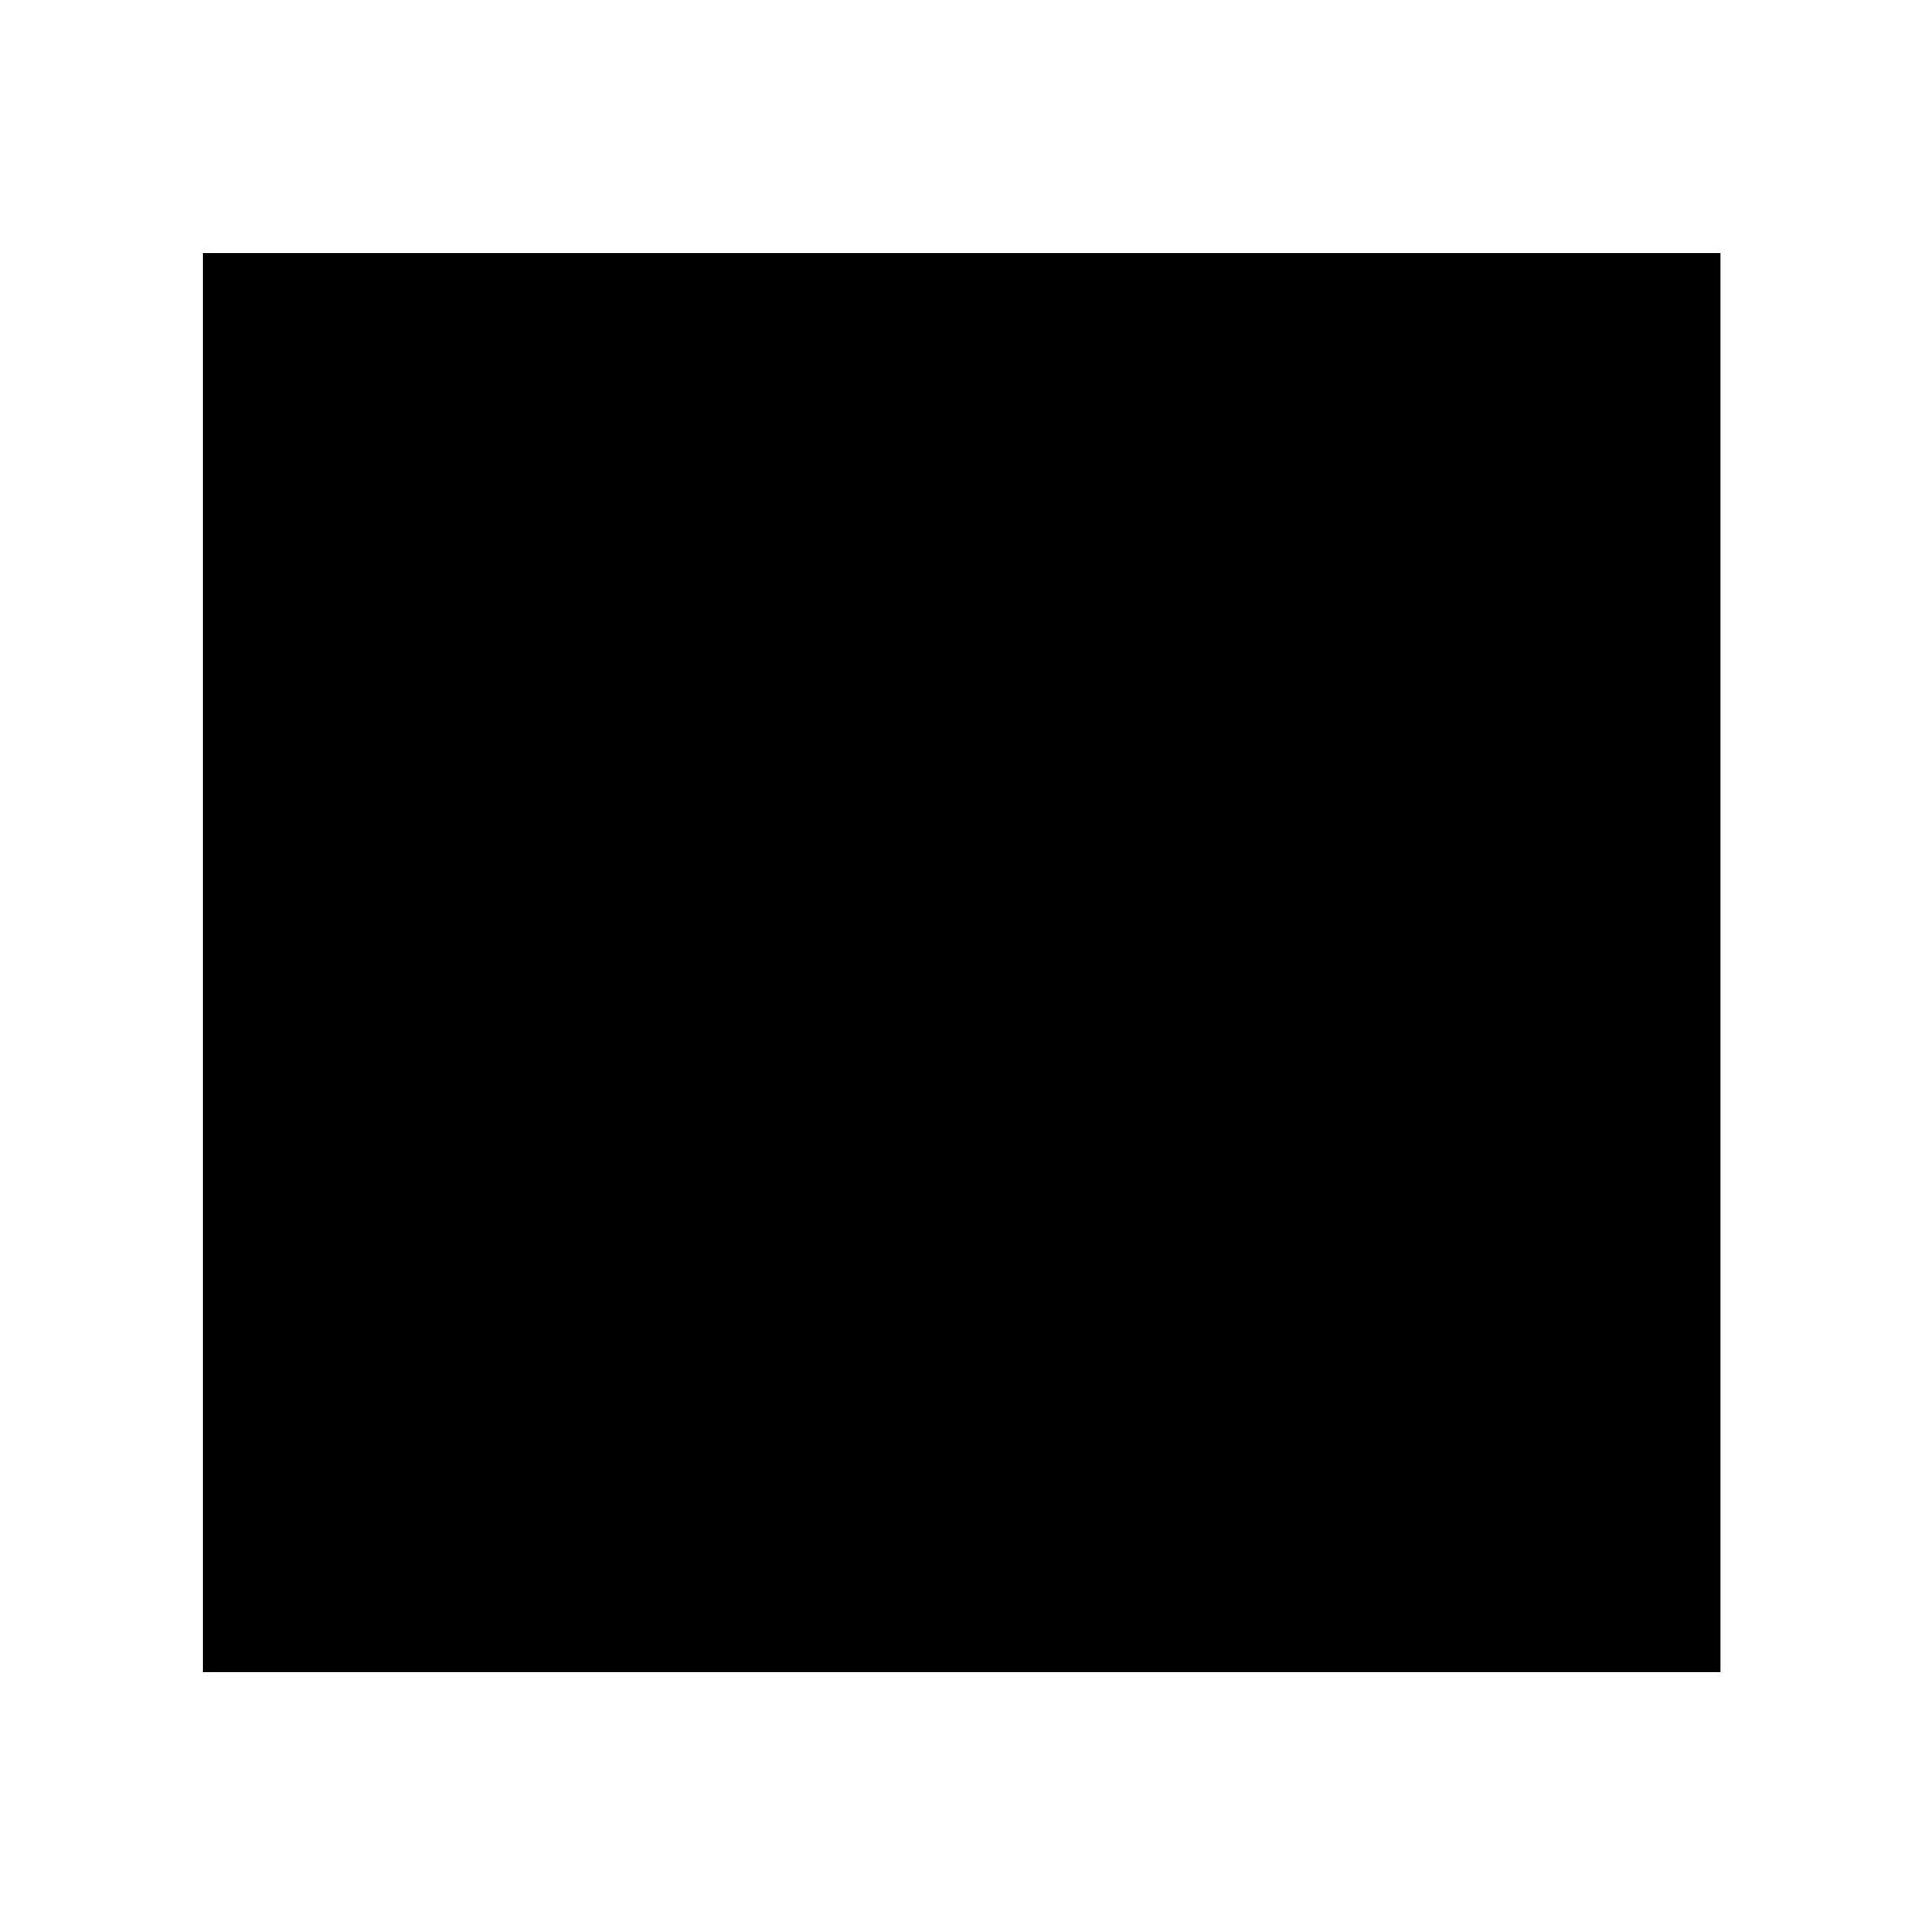 www.anton-paar.com